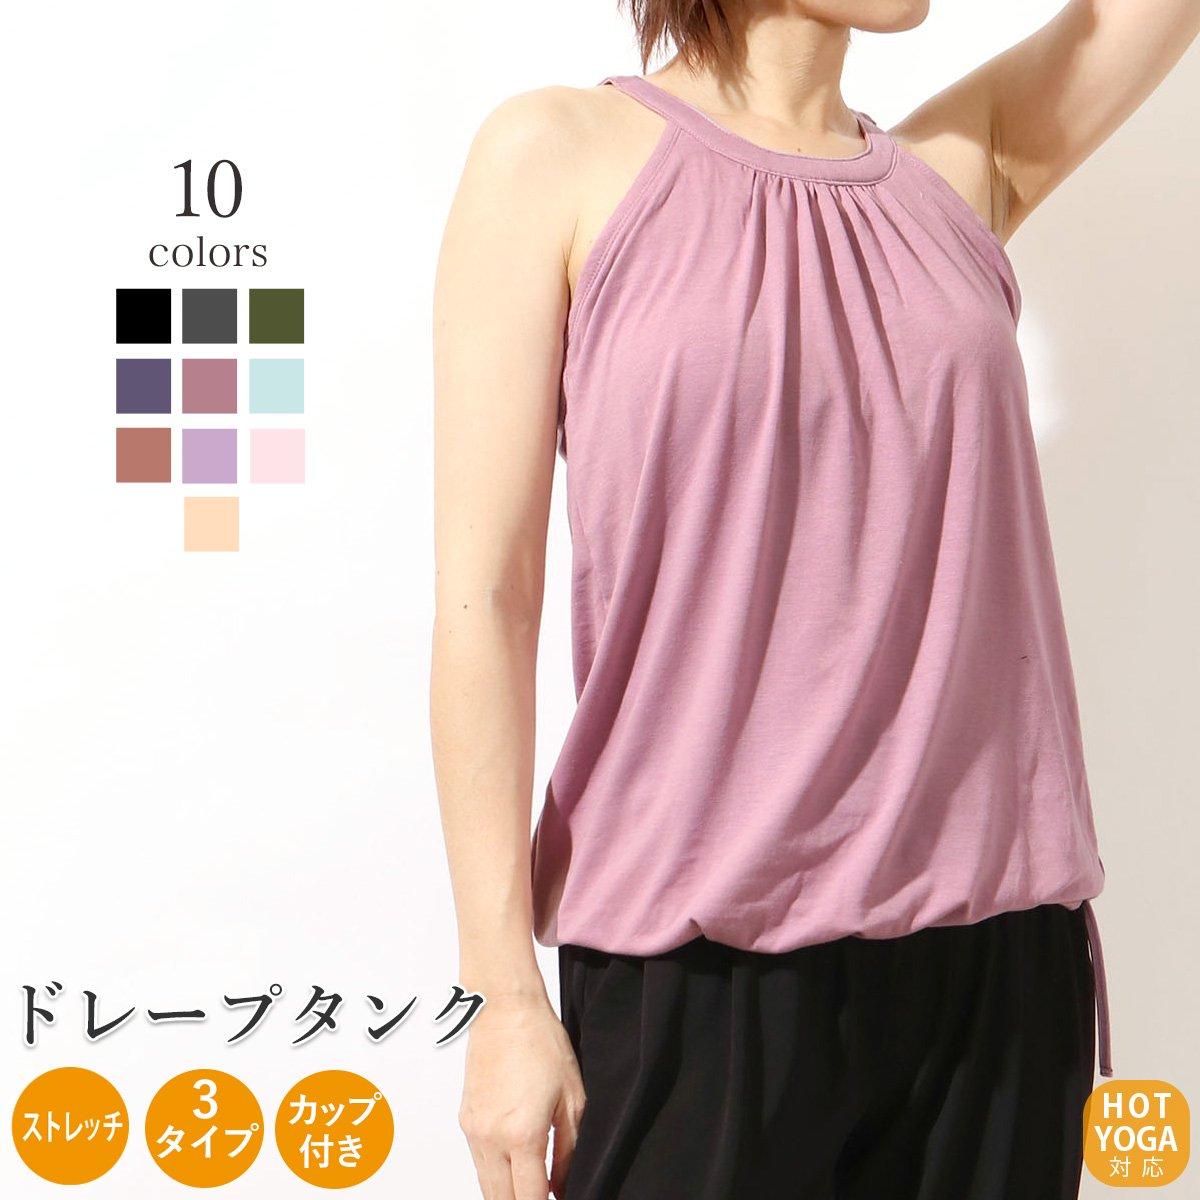 【カップ付】 ヨガウェア トップス タンク/Tシャツ/ドルマン/キャミ